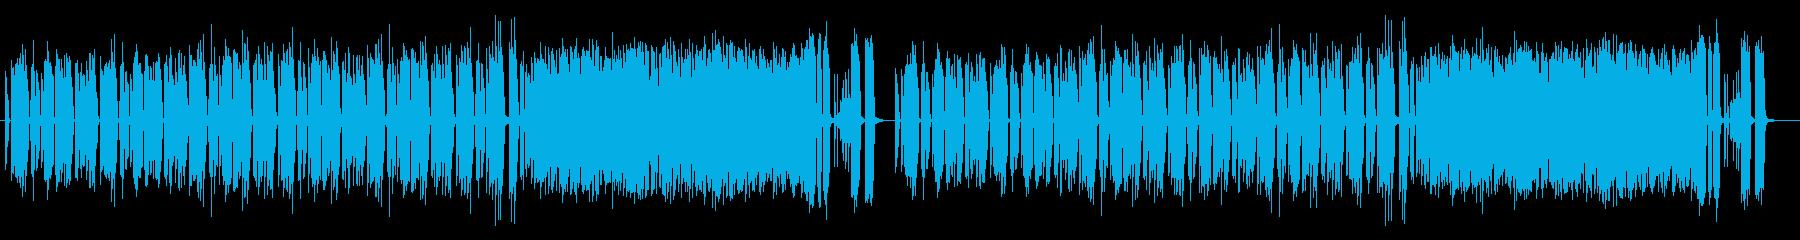 トロピカルな雰囲気のお洒落なBGMの再生済みの波形